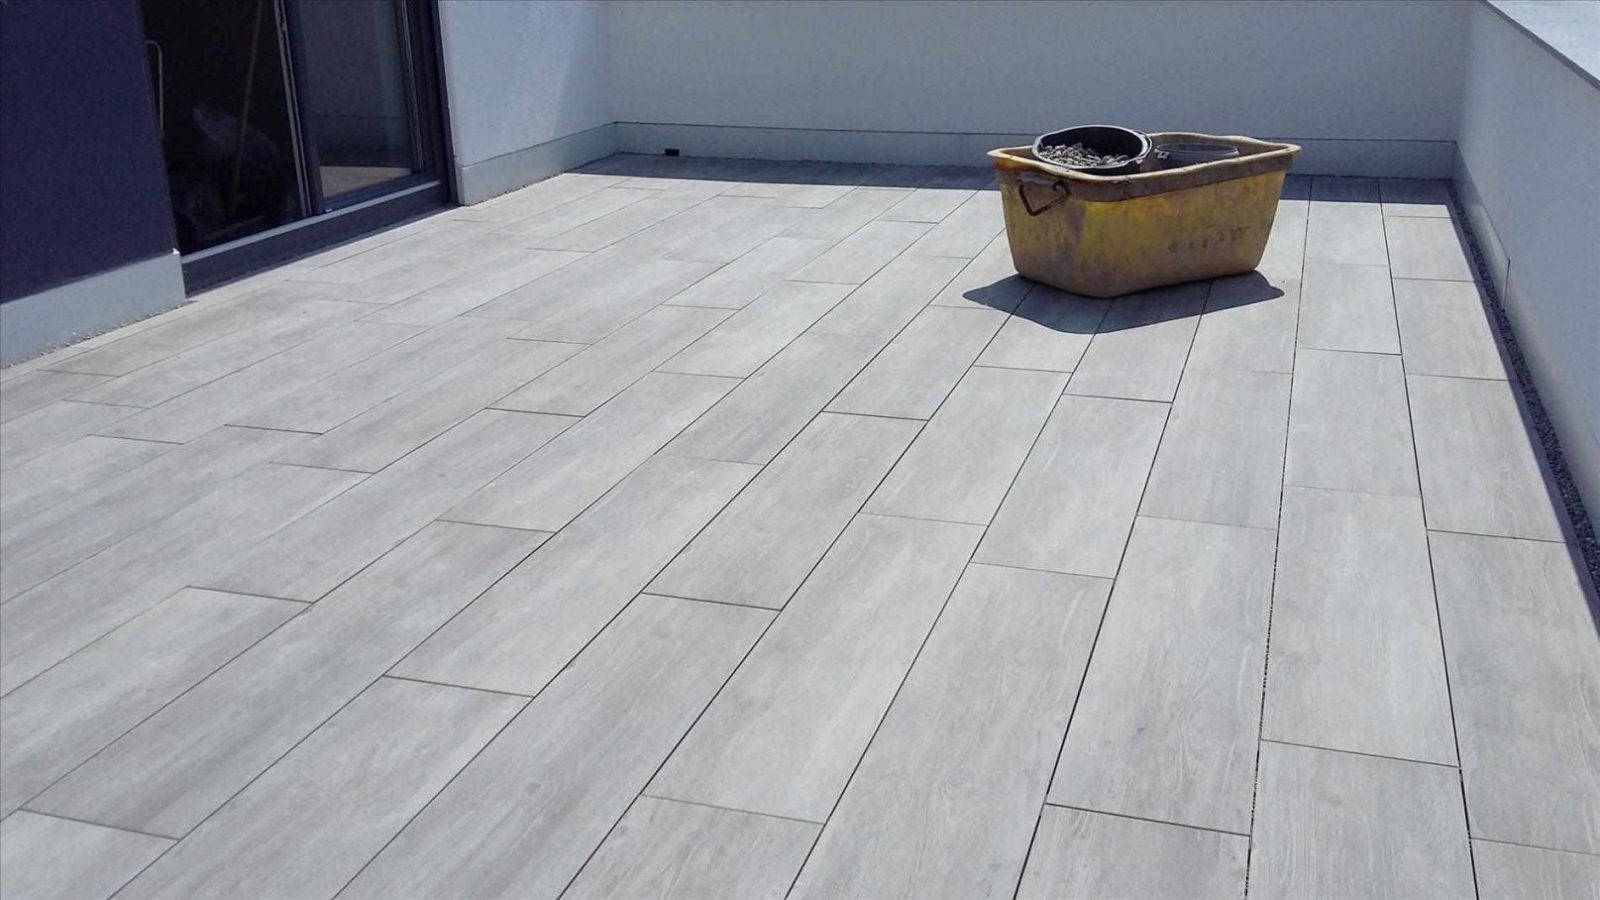 Terrassenplatten In Beton Legen Wb68 – Hitoiro von Betonplatten Auf Beton Kleben Bild